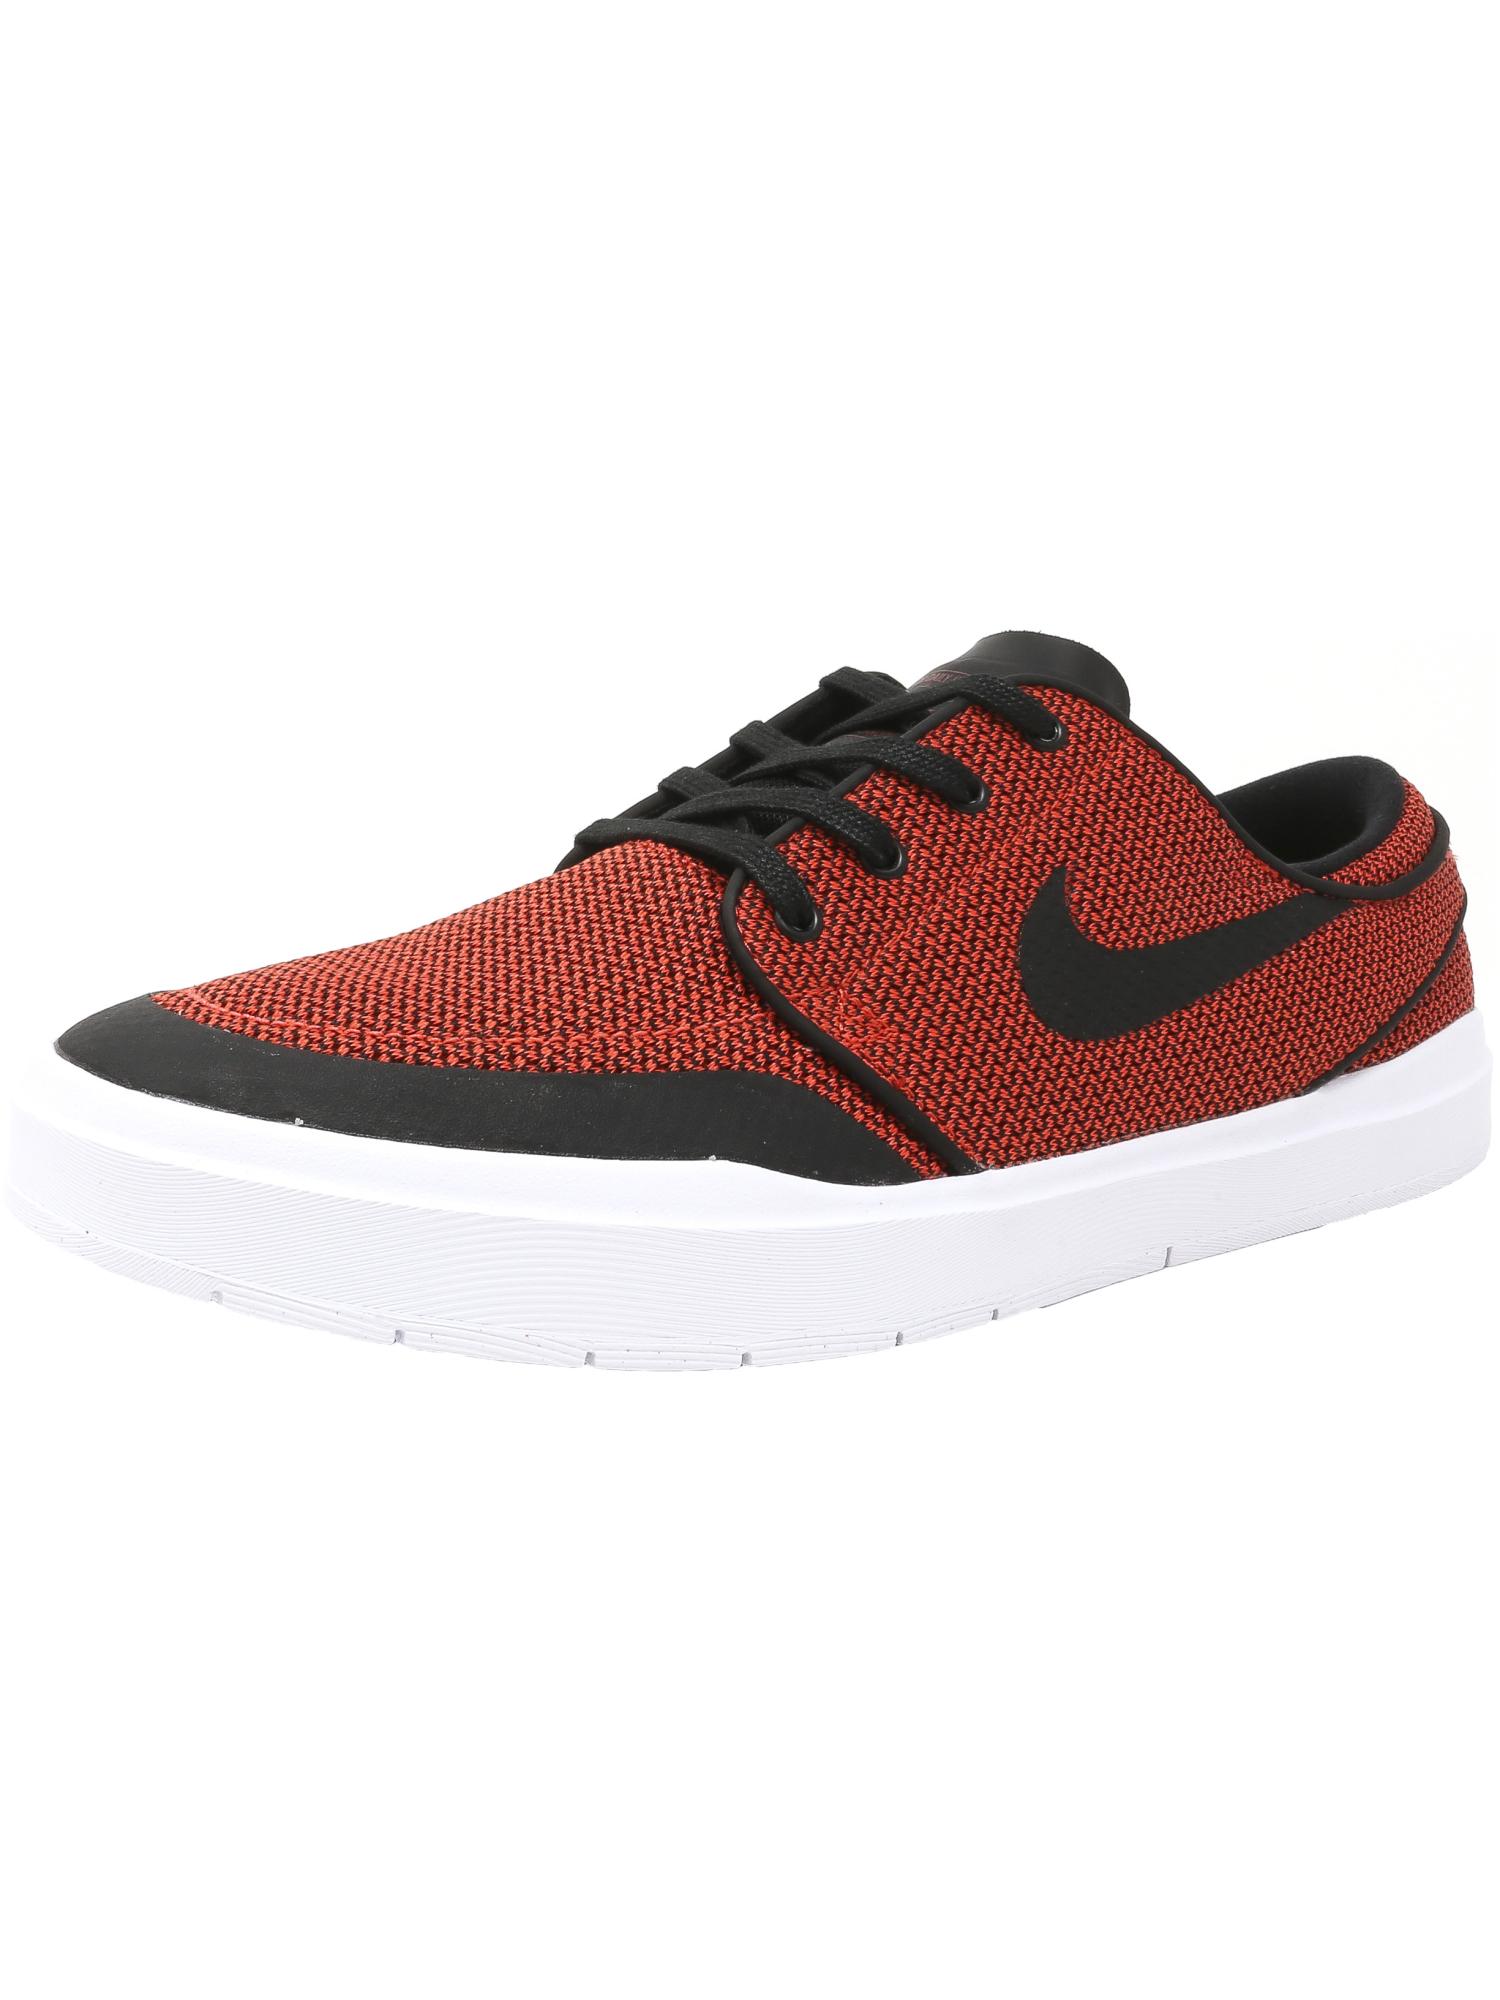 Nike Men's Stefan Janoski Hyperfeel Xt Ankle-High Skateboarding Shoe